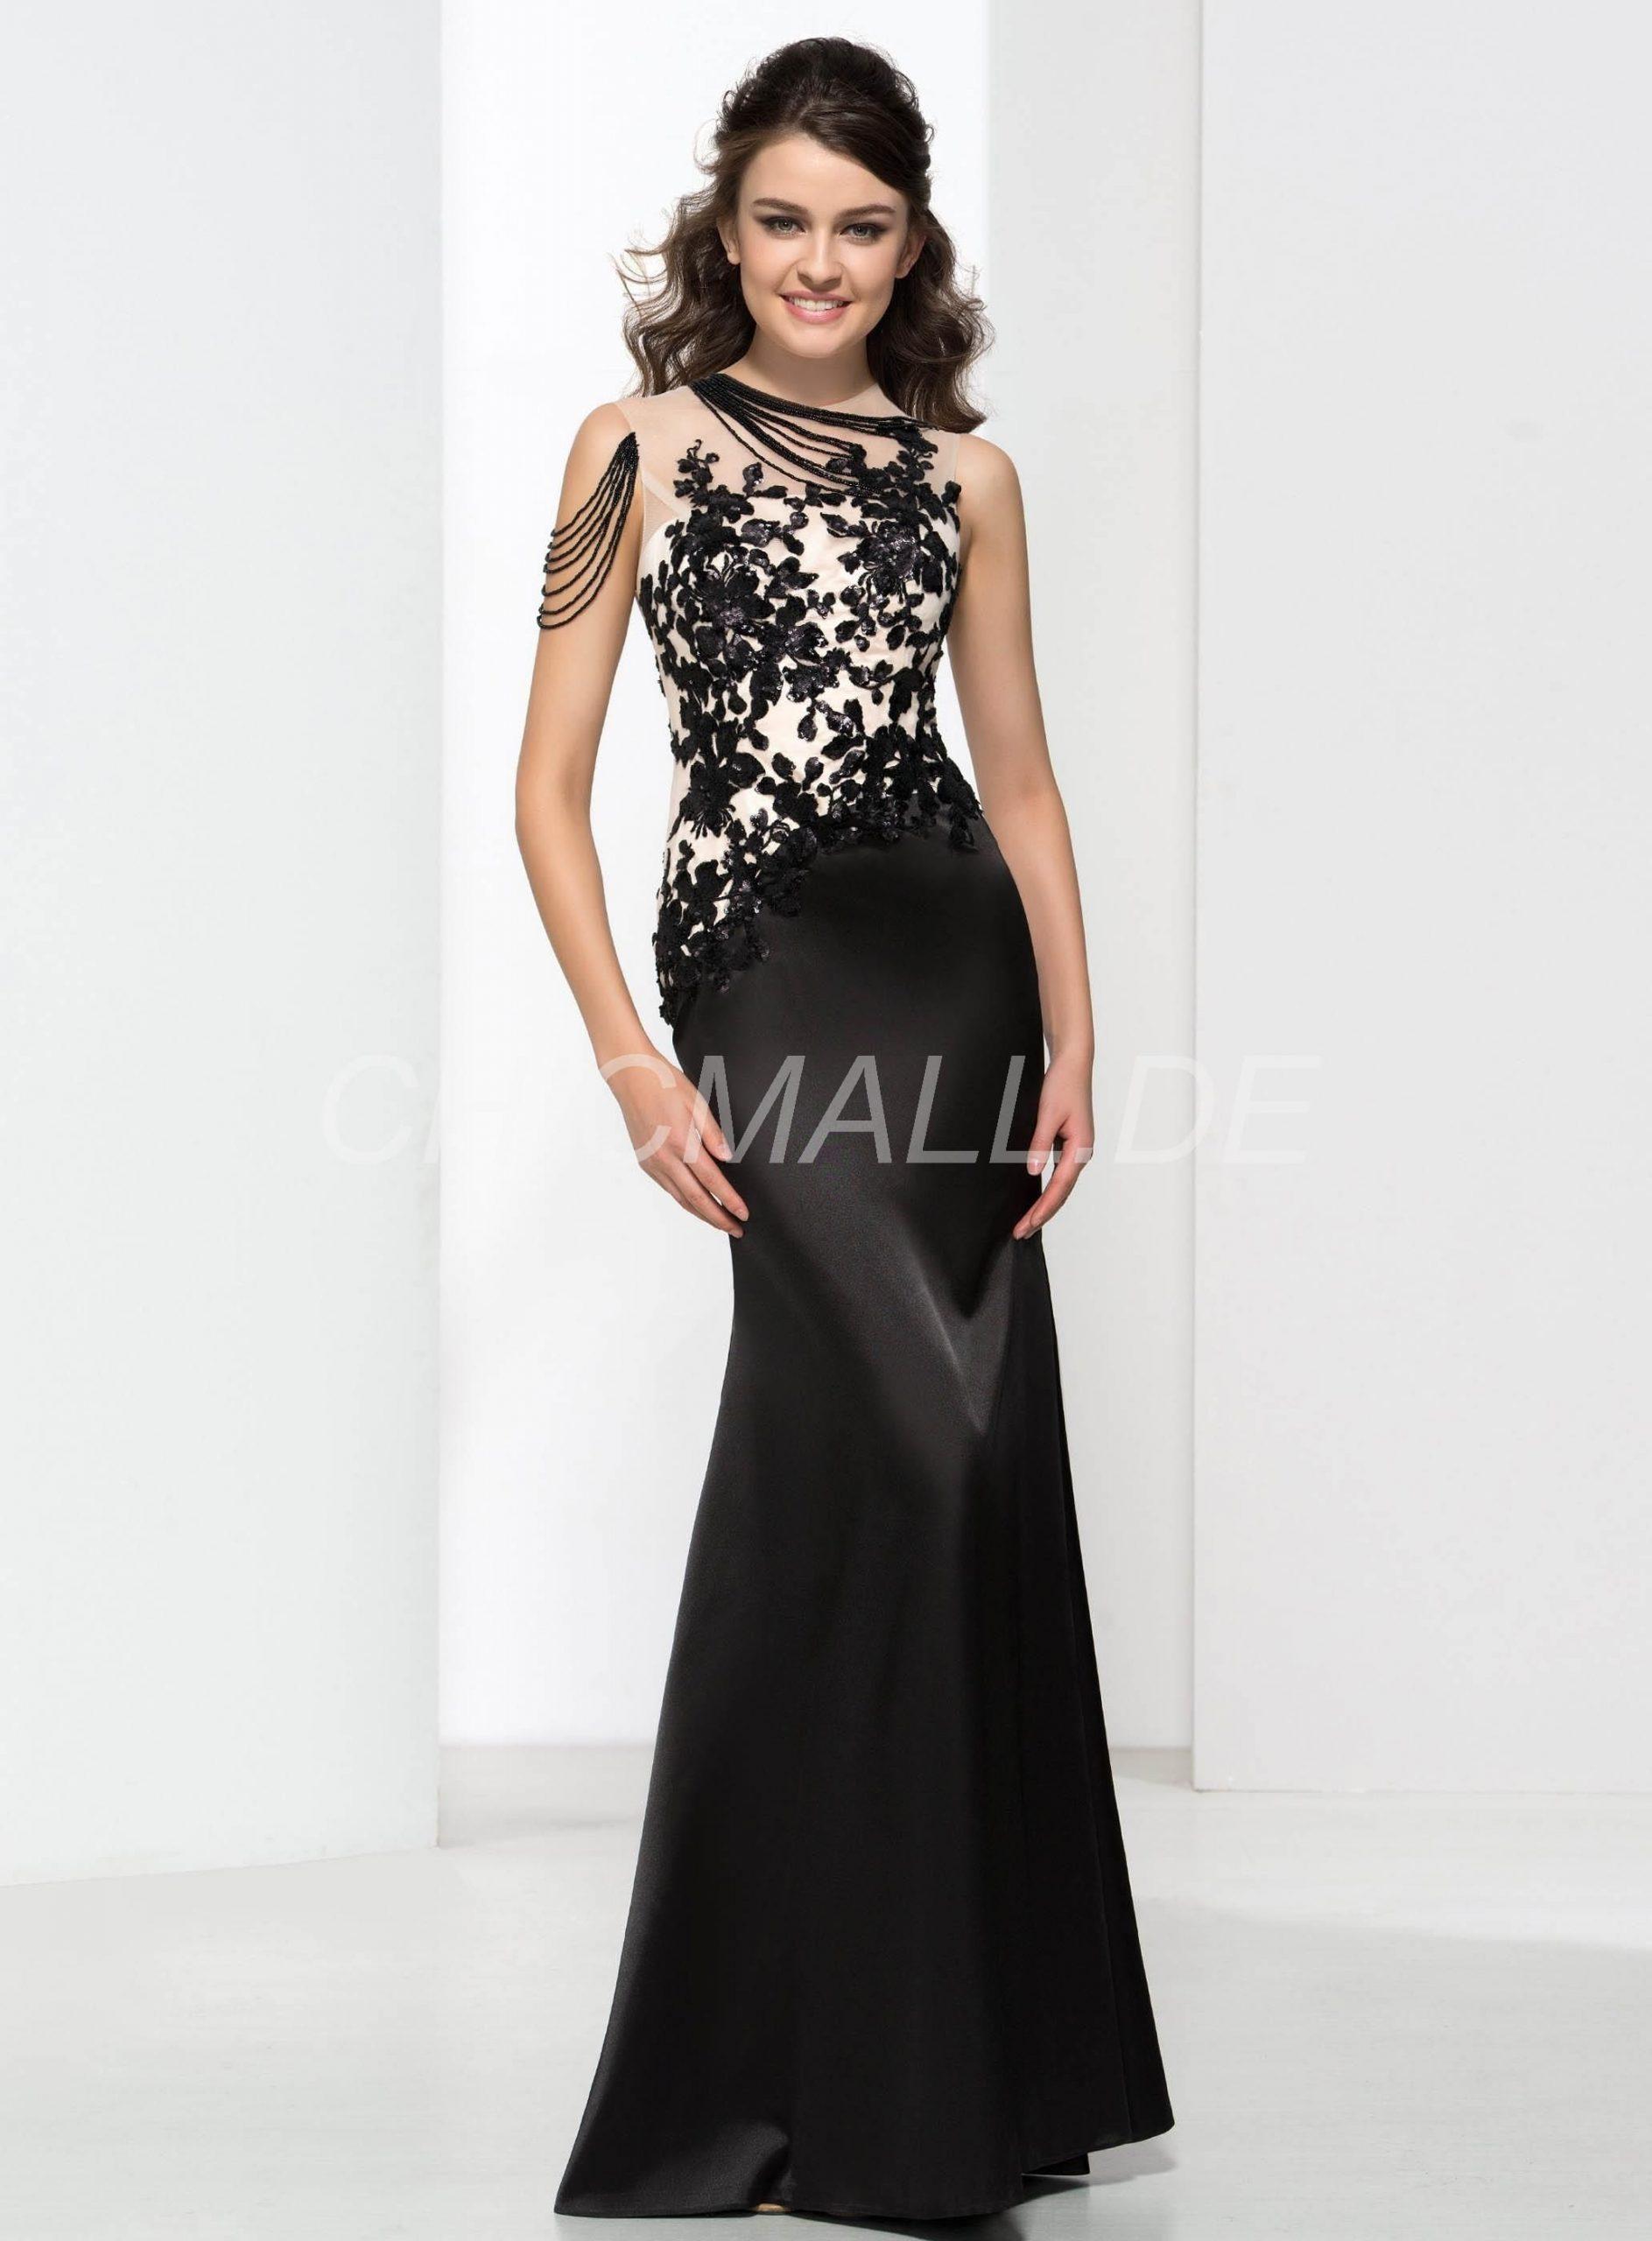 Formal Luxurius Abendkleider Winterthur Vertrieb Elegant Abendkleider Winterthur Vertrieb